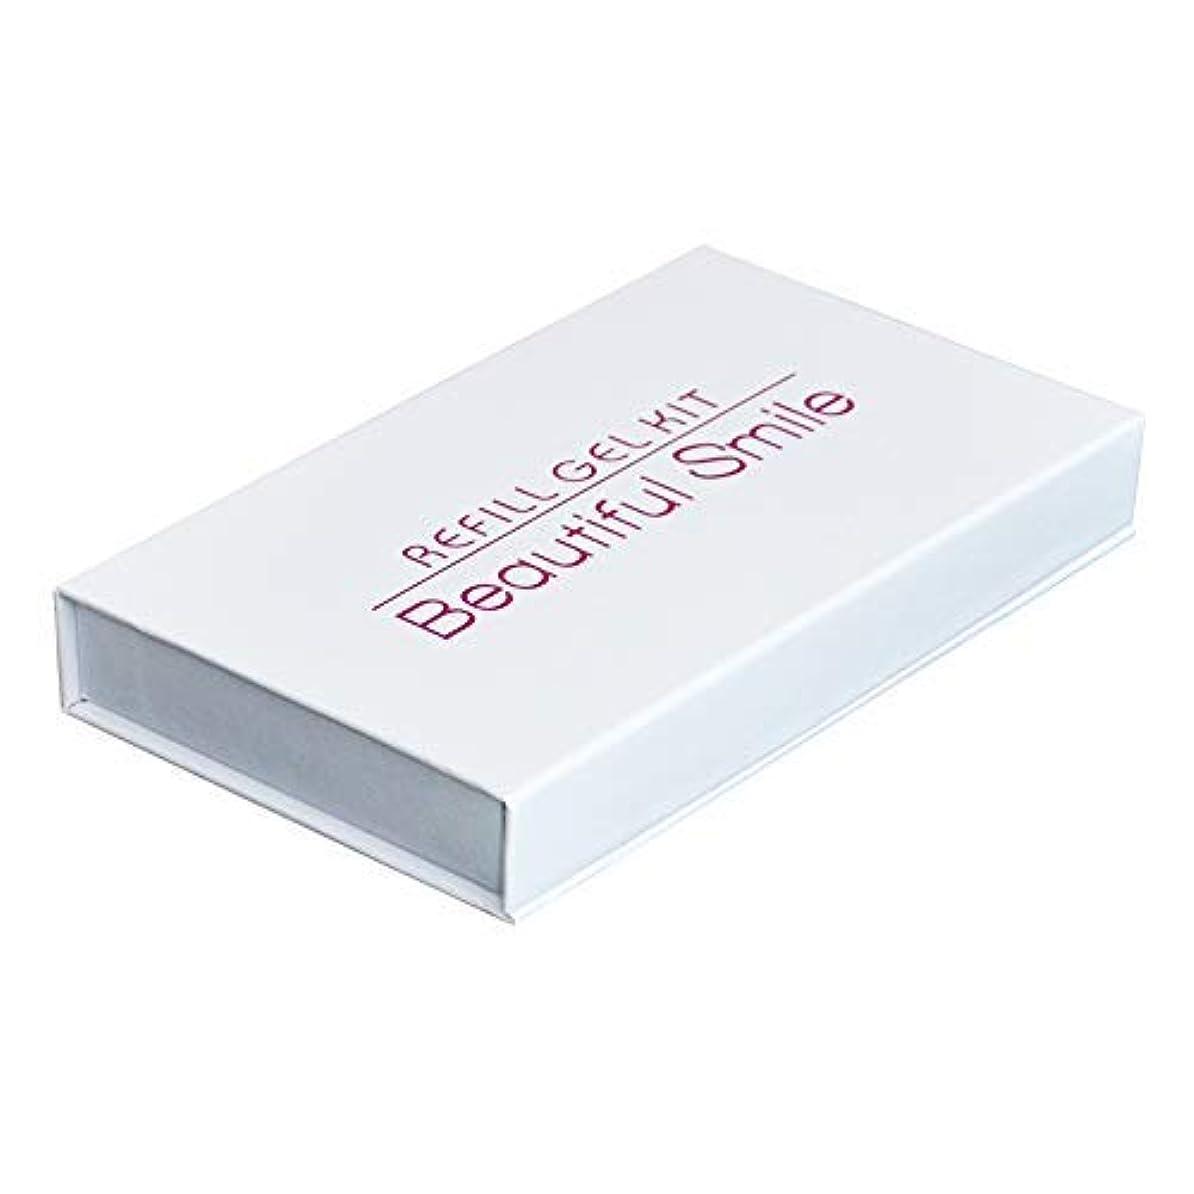 スティーブンソンボルト土砂降り歯のホワイトニングジェル 3個セット 3x3ml (18%過酸化尿配合)